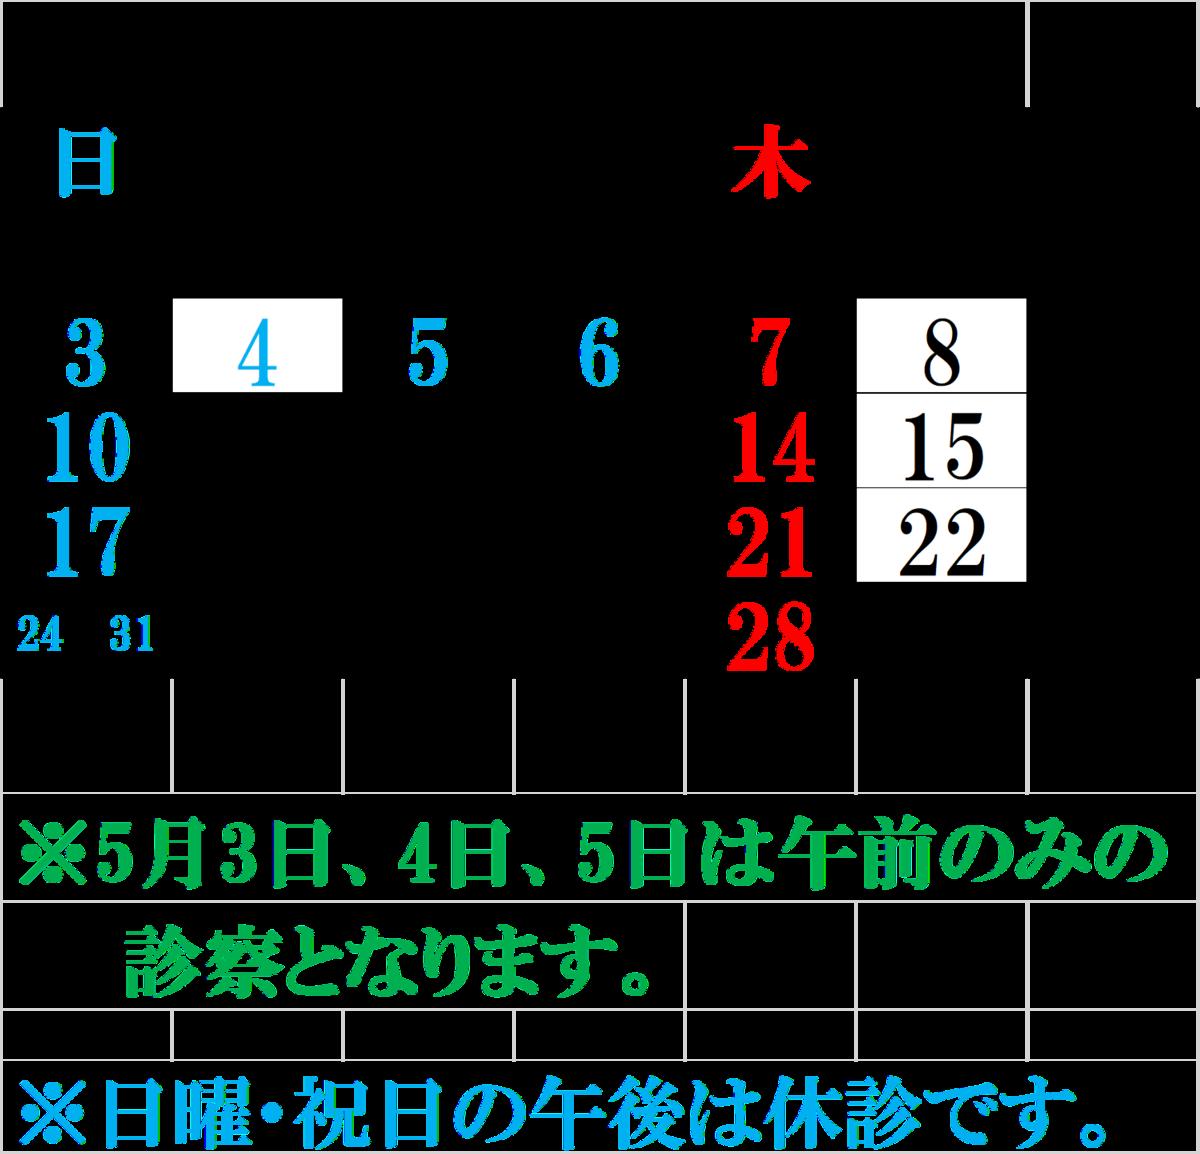 f:id:kinase_ah:20200501183922p:plain